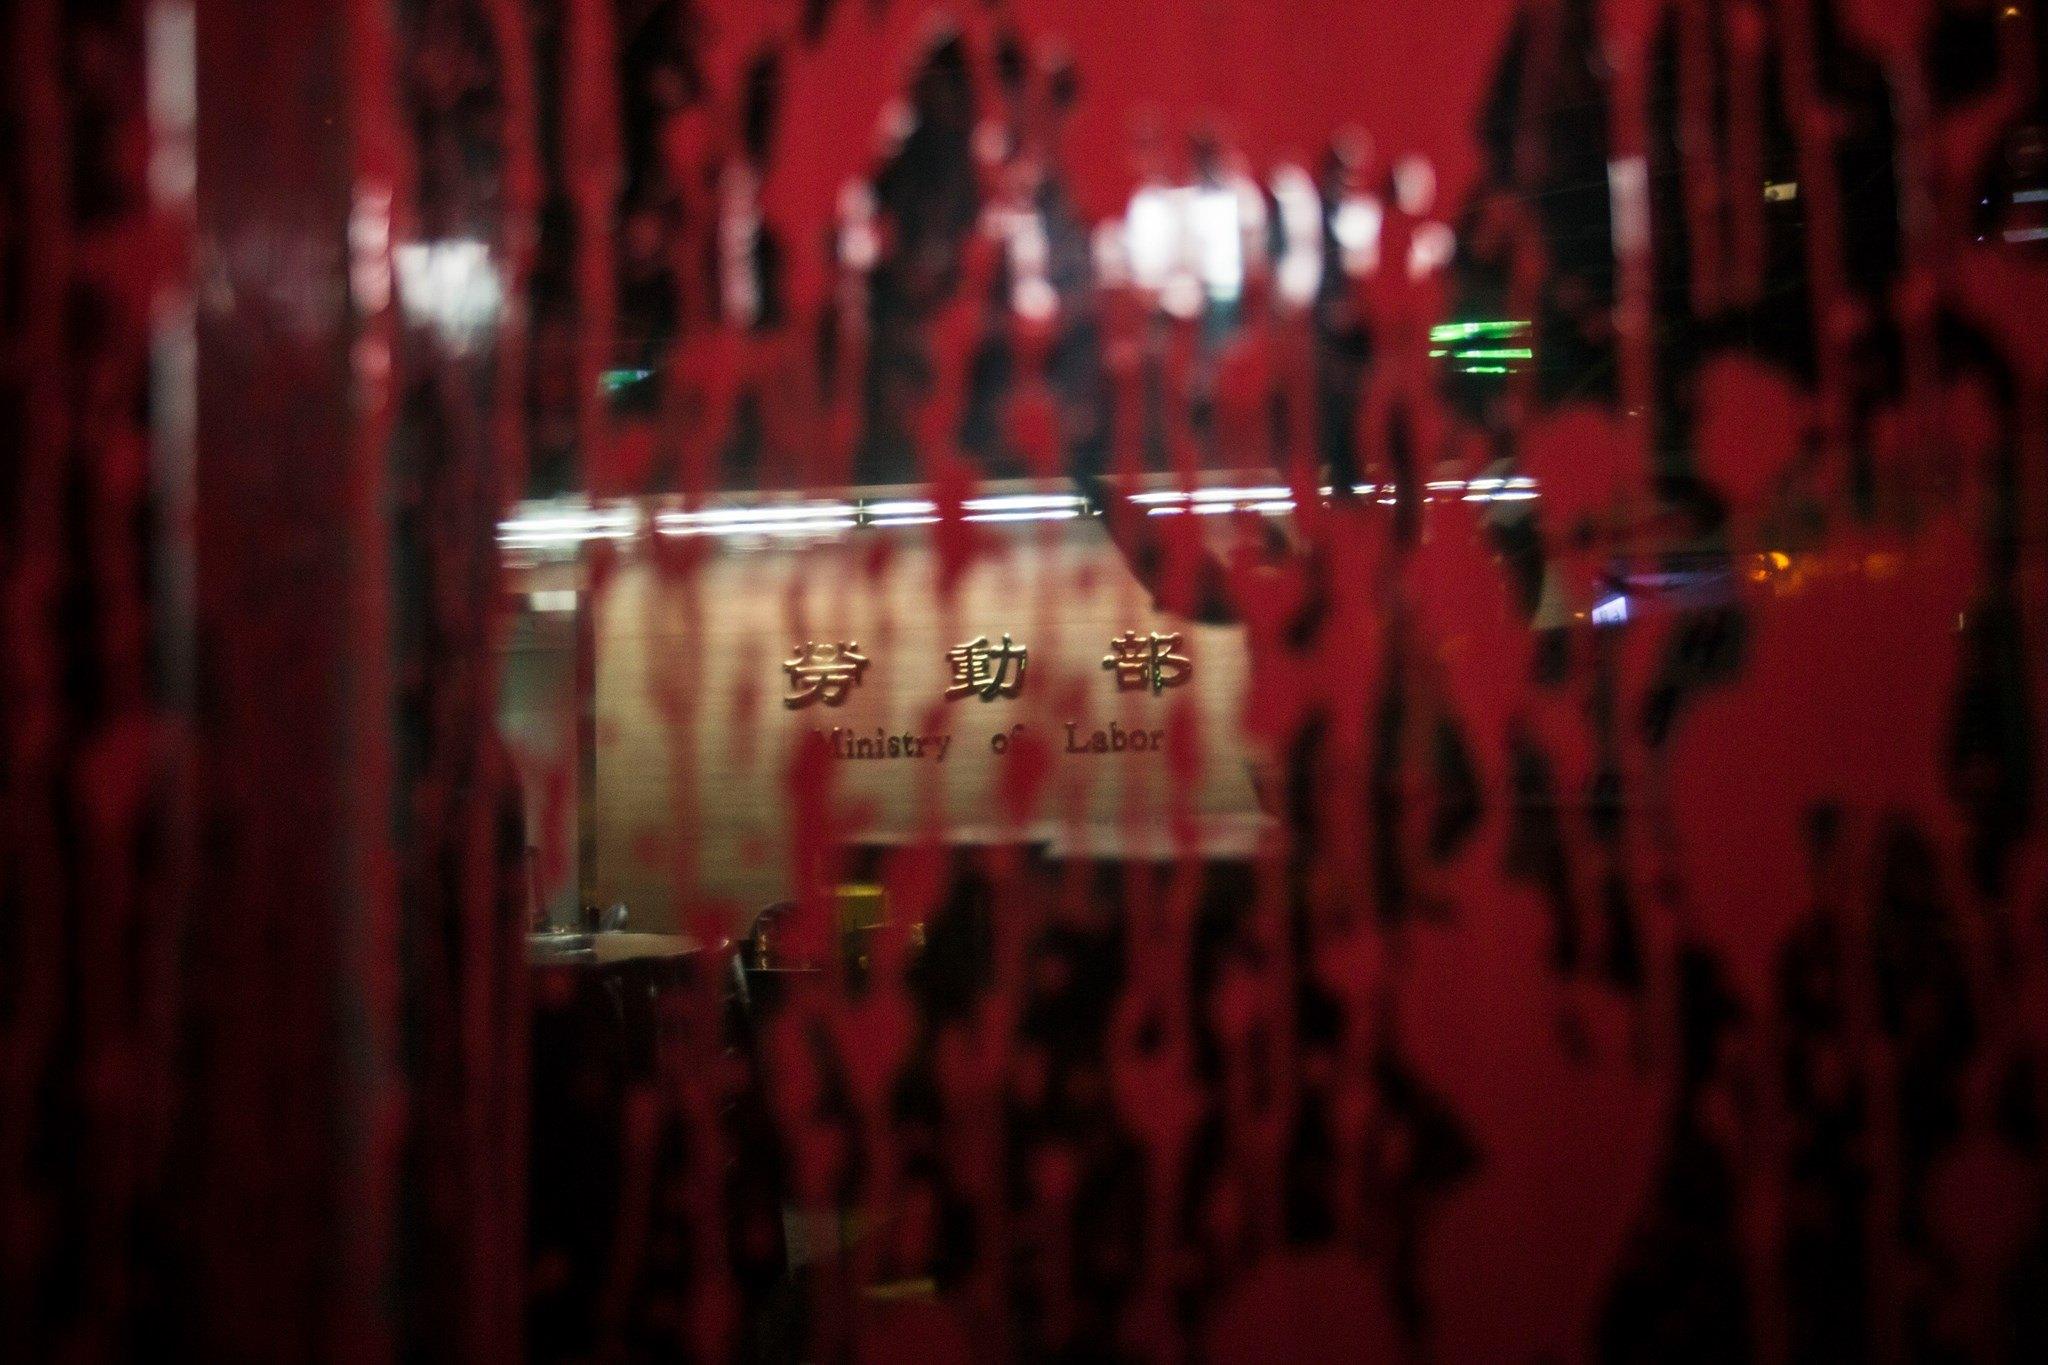 勞動部大門也被潑上紅漆。(照片提供:工鬥)